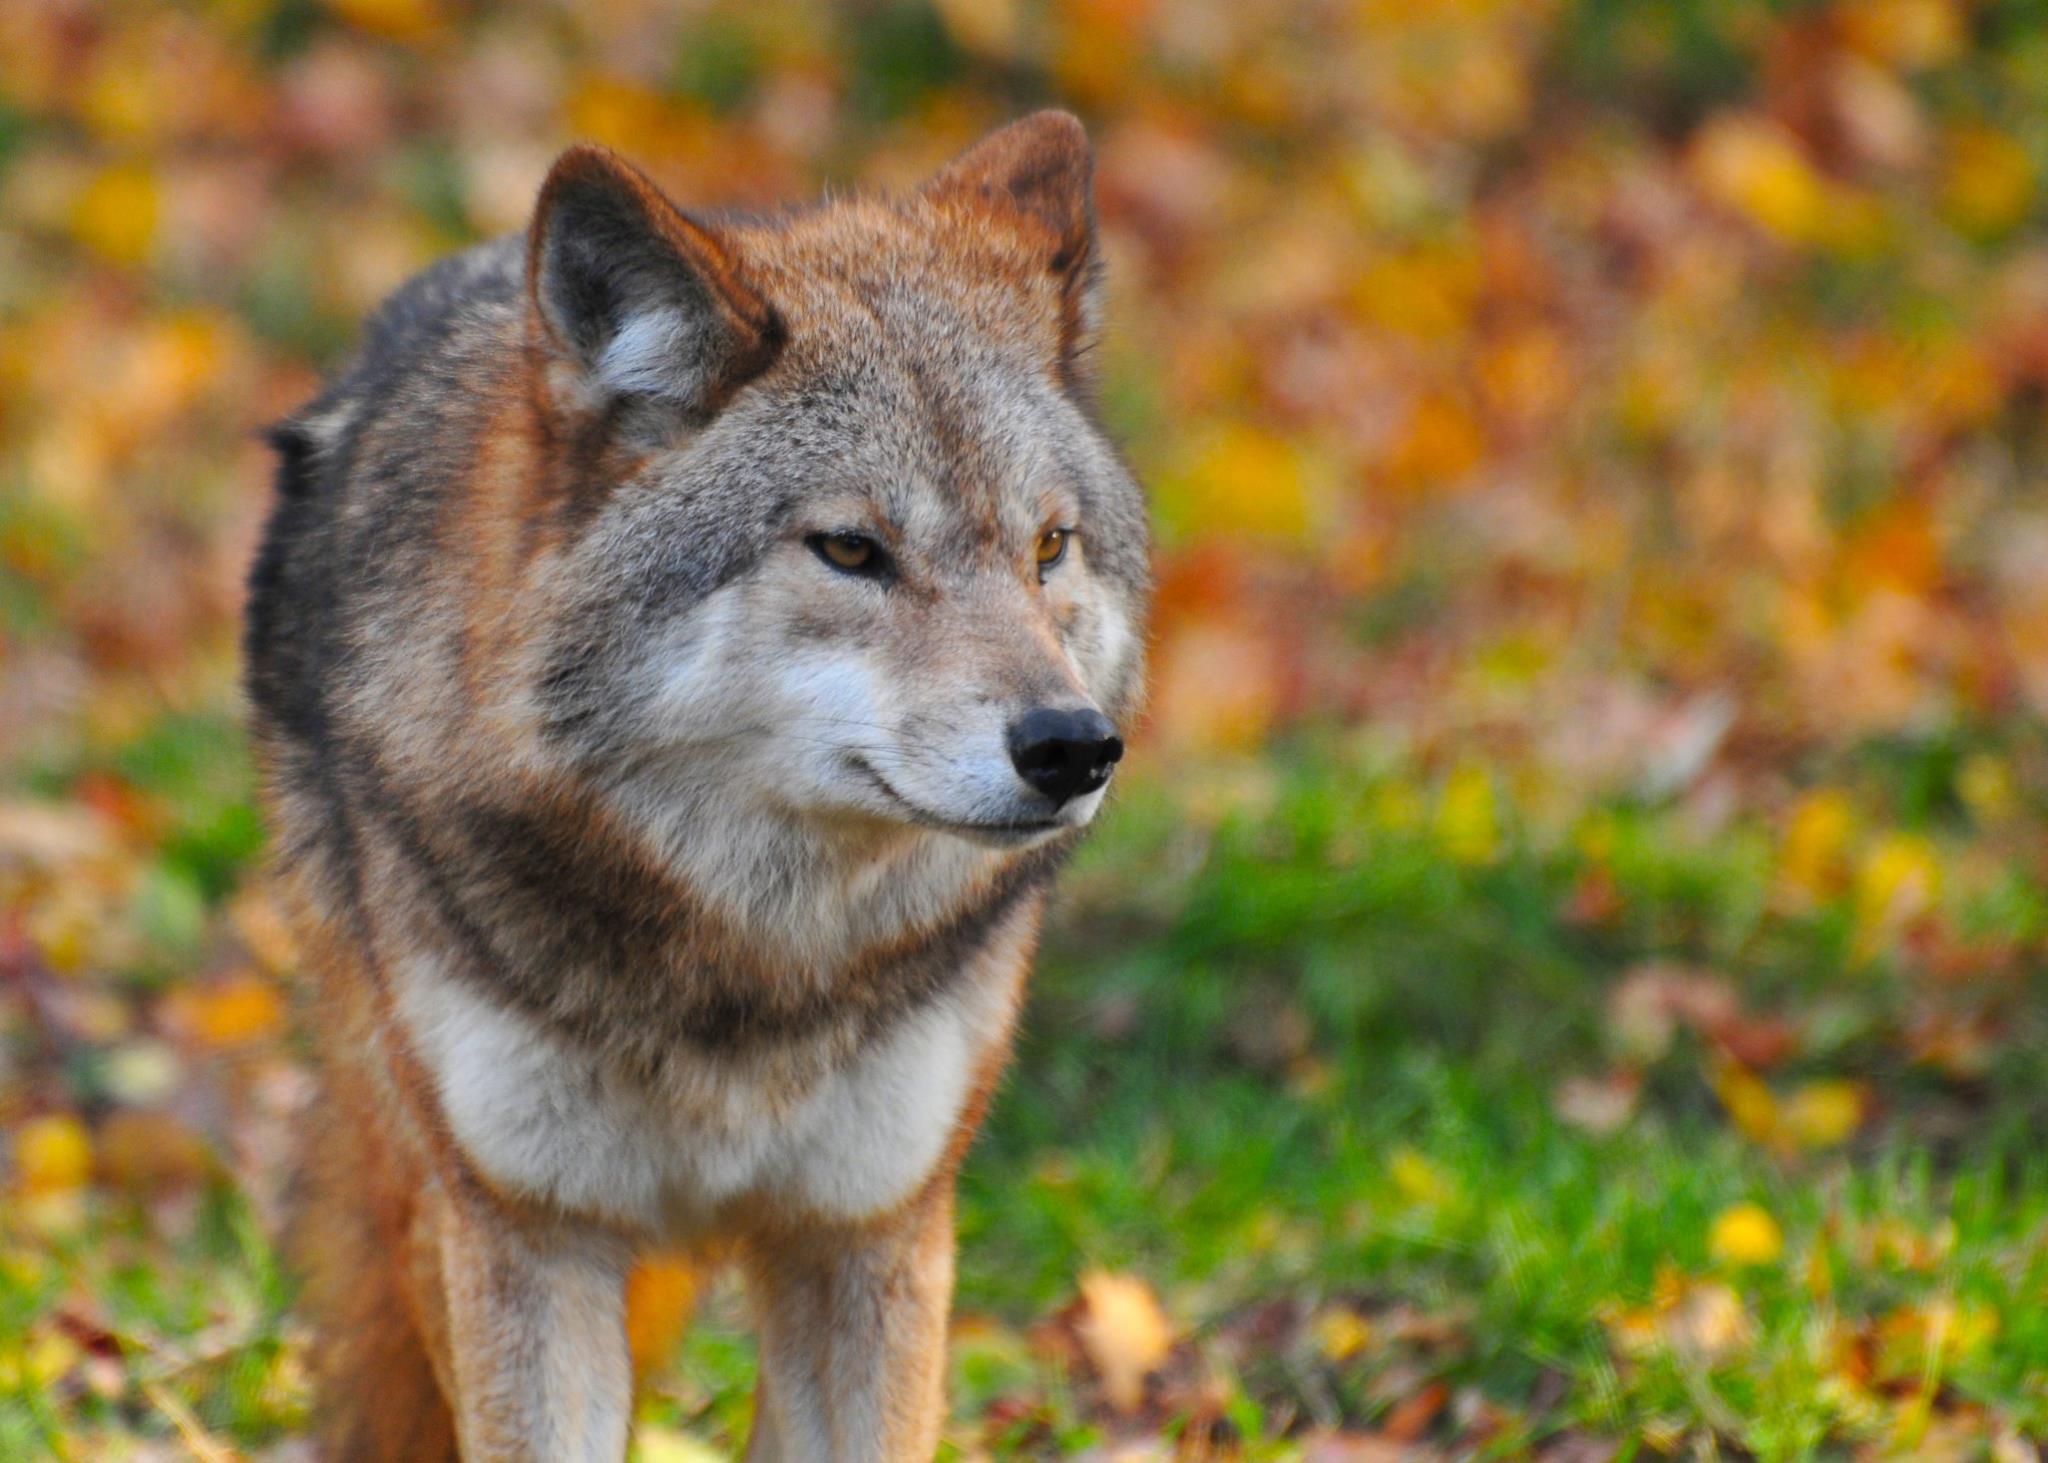 Wolf photo close-up image - Free stock photo - Public ...